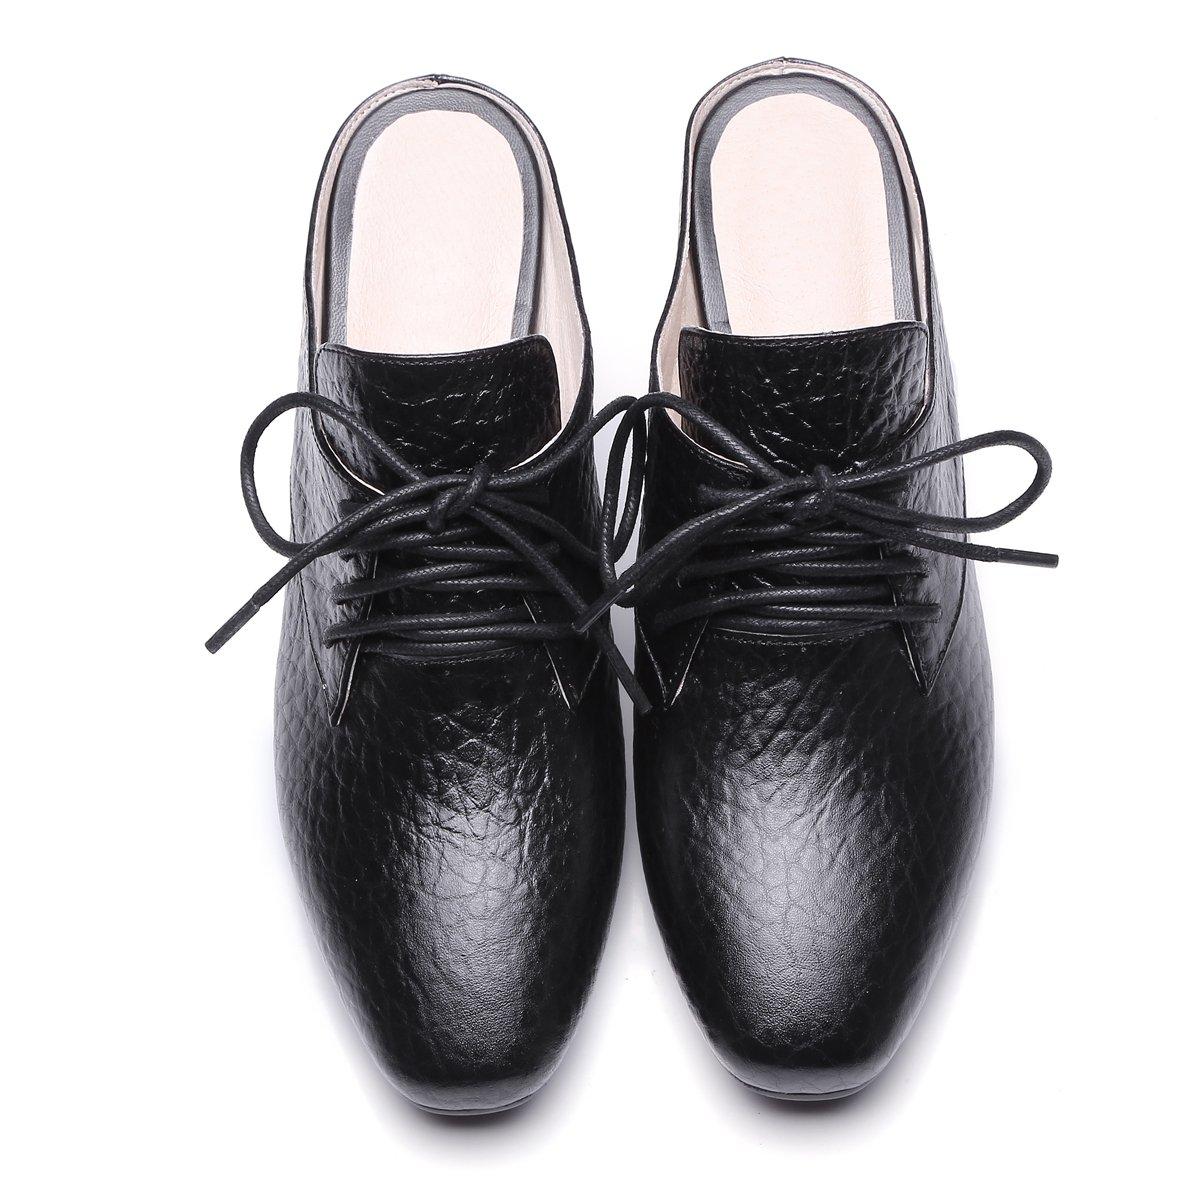 Qingchunhuangtang@ Frühling mit und Sommer Sandalen mit Frühling groben Kreuzbänder, reine Baotou Schuhe Hausschuhe schwarz 6fdf62